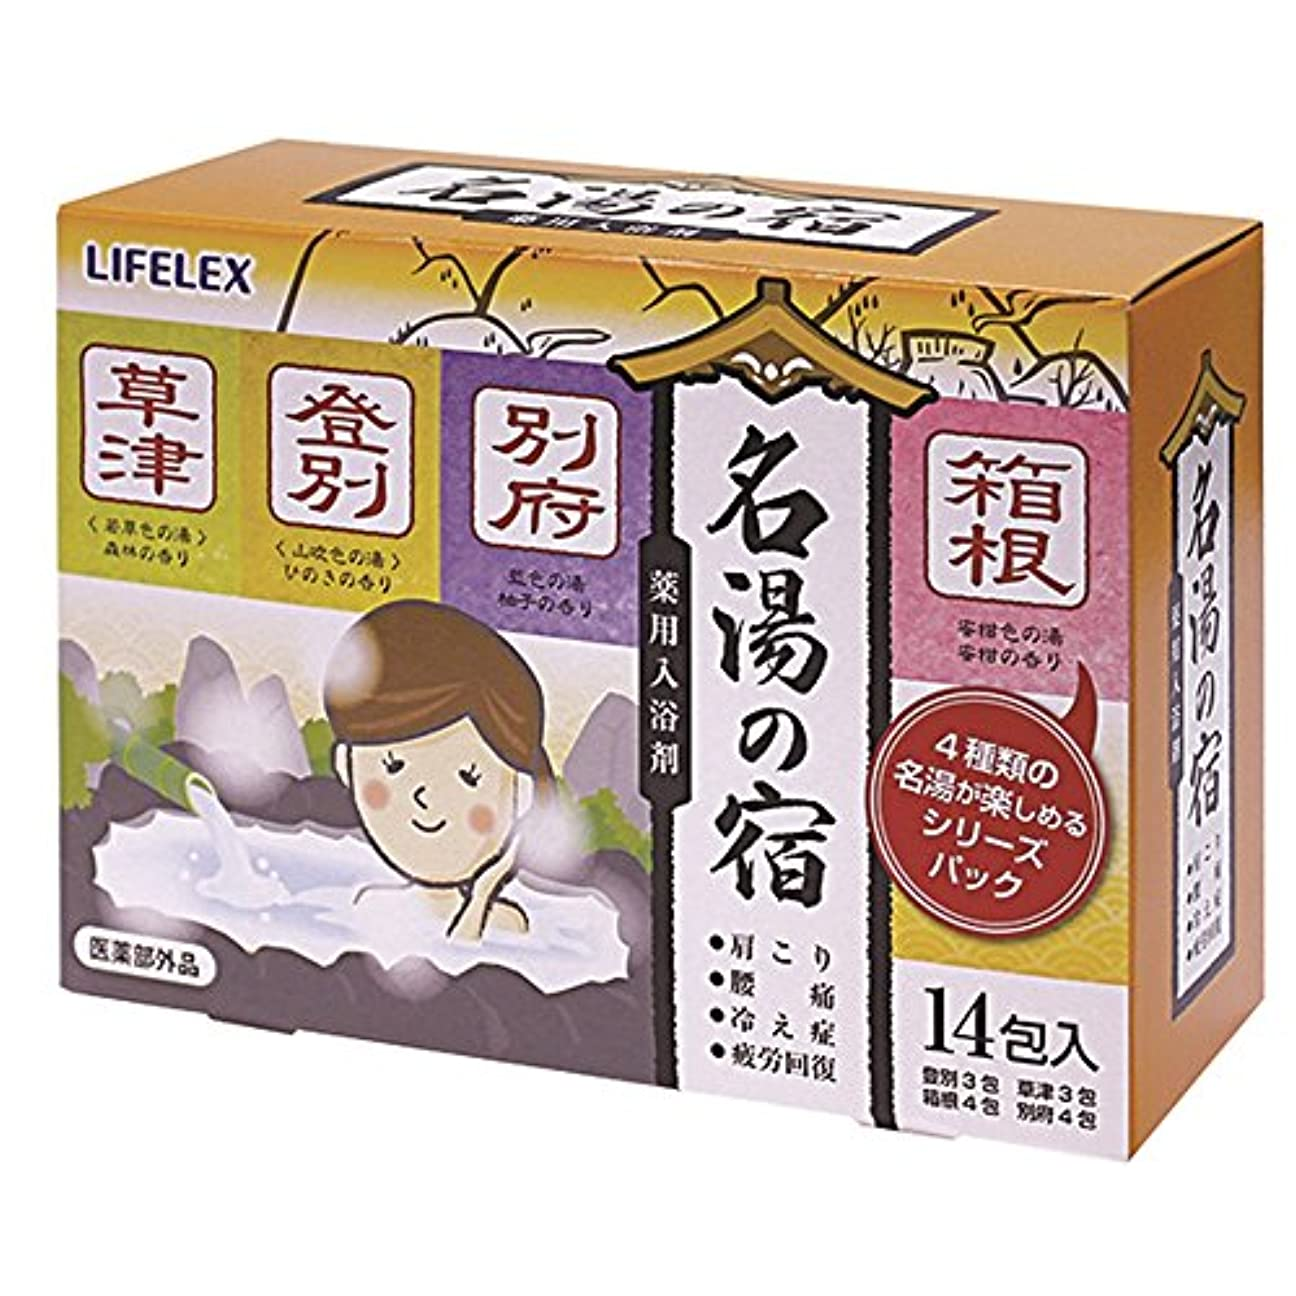 海賊露しょっぱいコーナン オリジナル LIFELEX 名湯の宿 薬用入浴剤 14包入